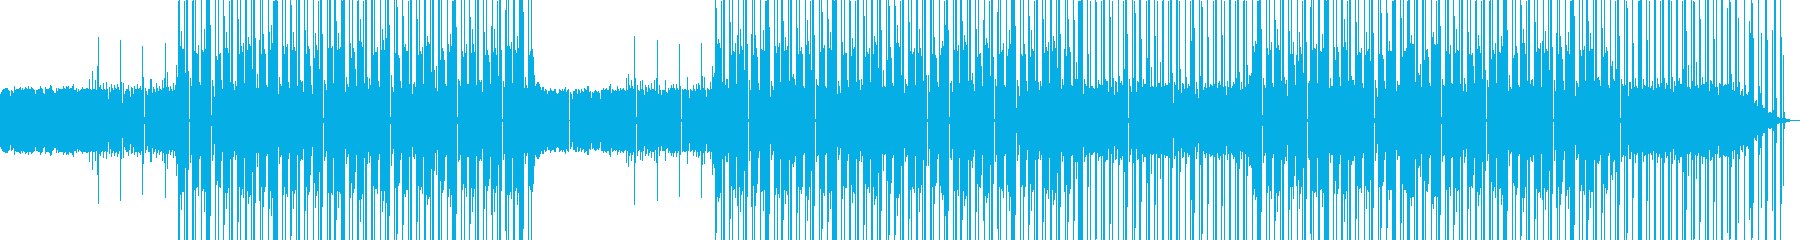 おしゃれなローファイヒップホップビートの再生済みの波形